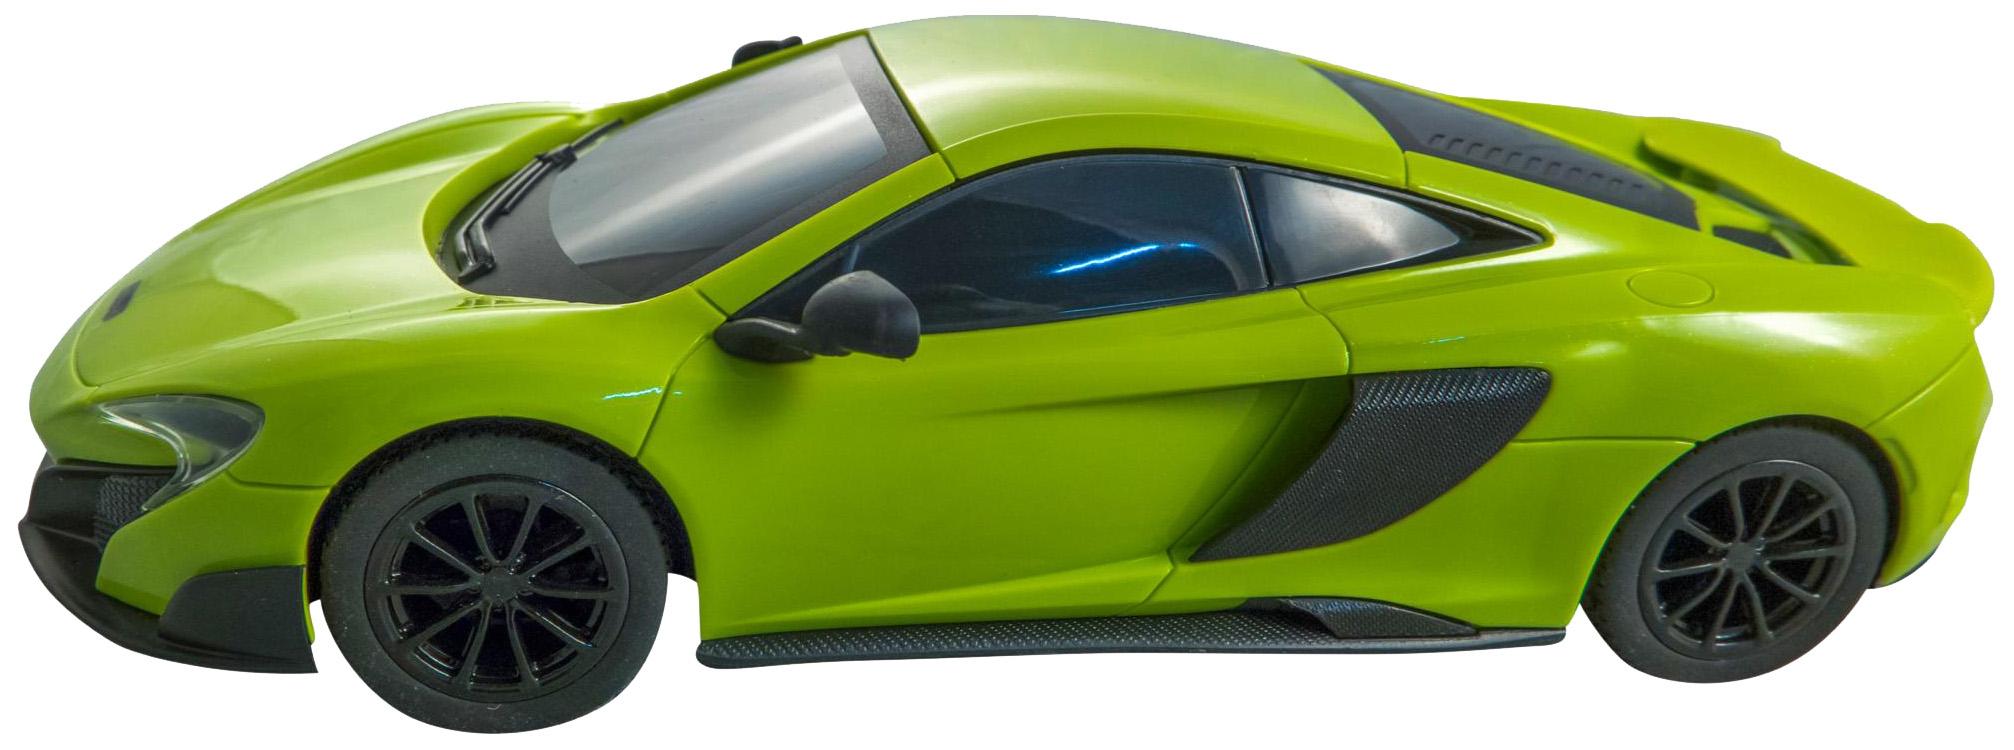 Купить Коллекционная модель Welly McLaren 675LT Coupe 24089 в ассортименте, Игрушечные машинки